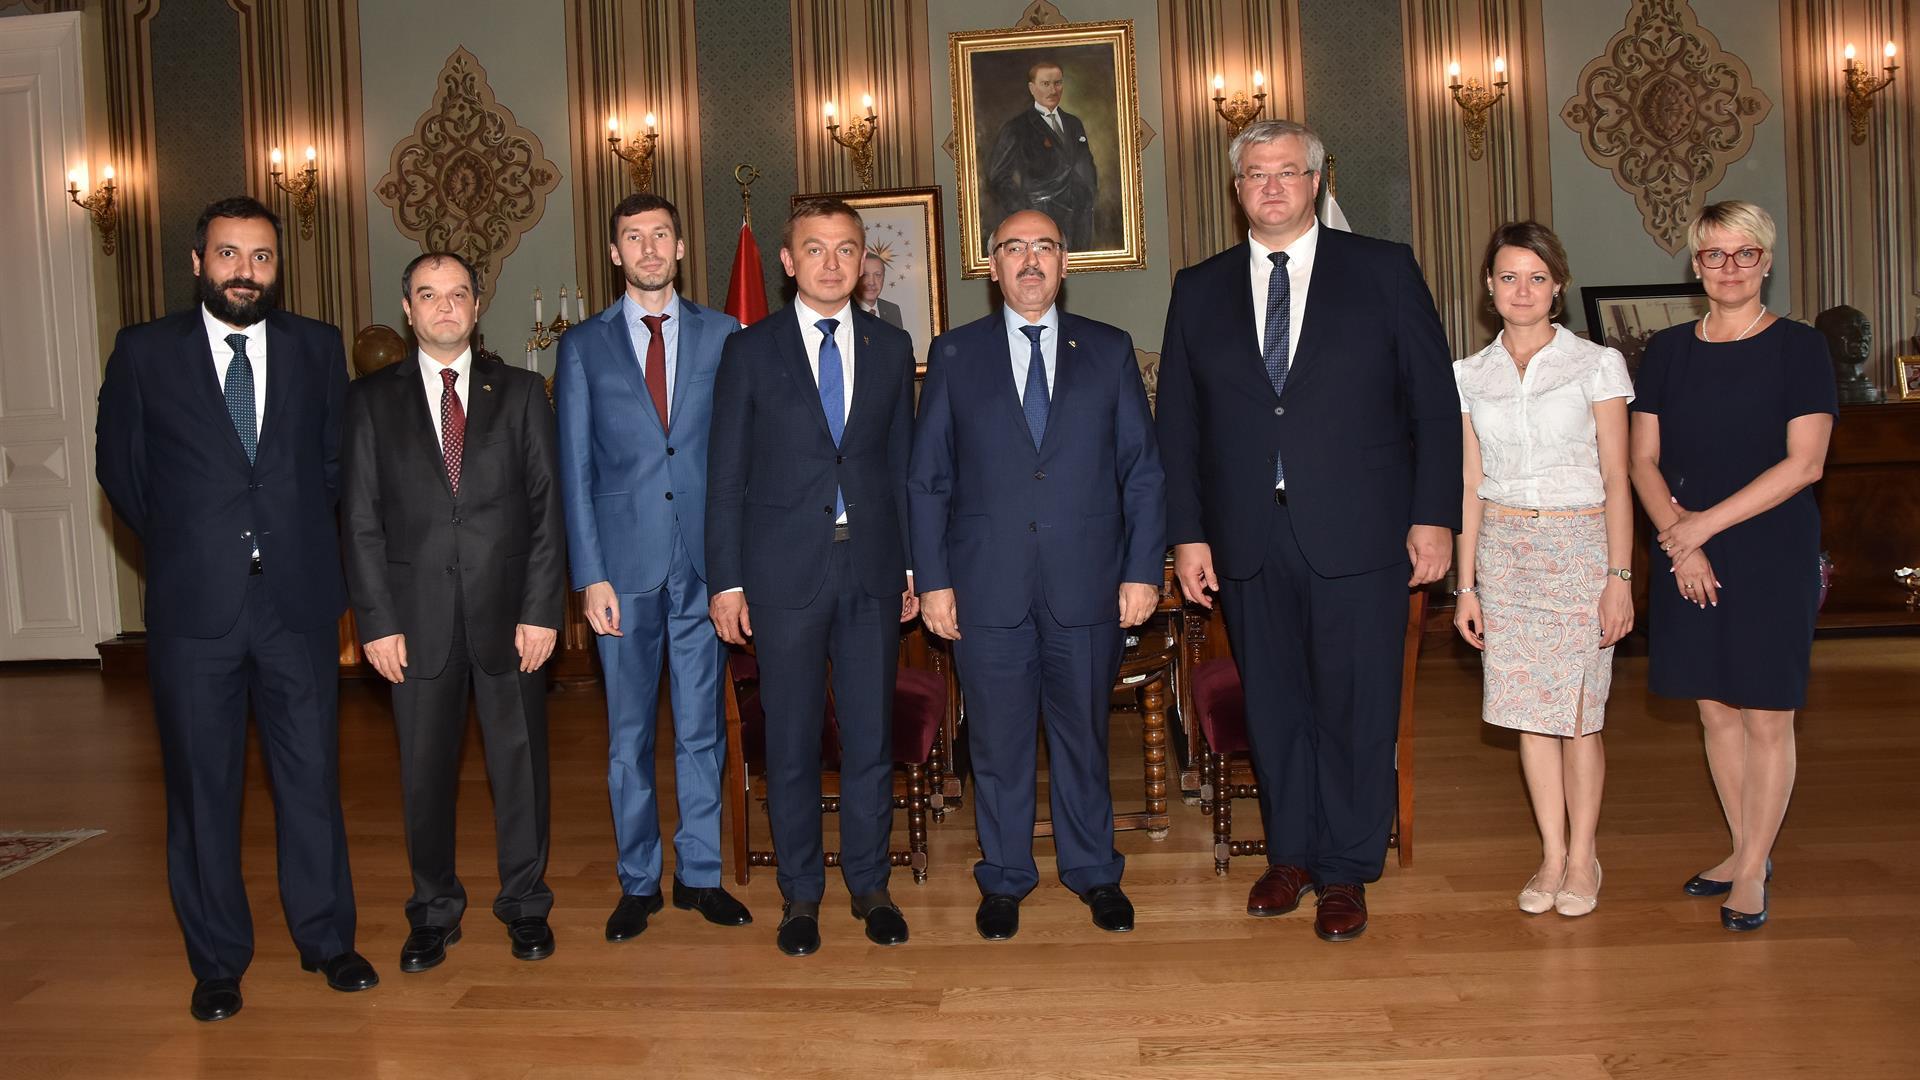 Ukrayna-Büyükelçisi-Andriy-Sıbiga-ve-Ukrayna-İstanbul-Başkonsolosu-Oleksandr-Gaman-İÜ-Rektörü-Prof.-Dr.-Mahmut-Ak'ı-Ziyaret-Etti